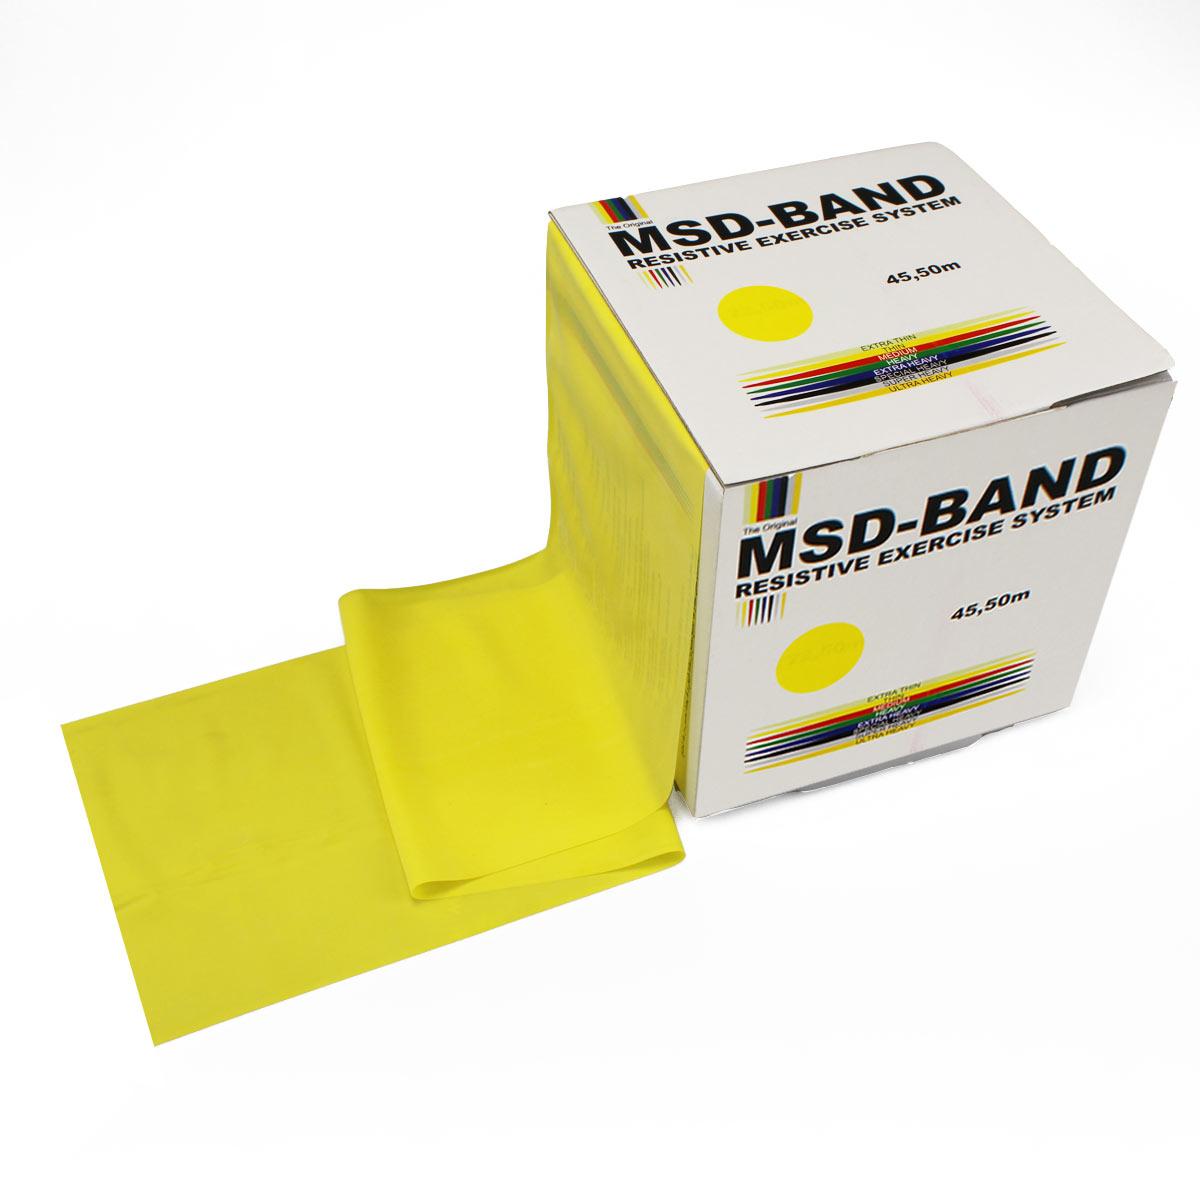 Λάστιχο Γυμναστικής (2 μέτρα) MSD Βand κίτρινο μαλακό - Roi Medicals